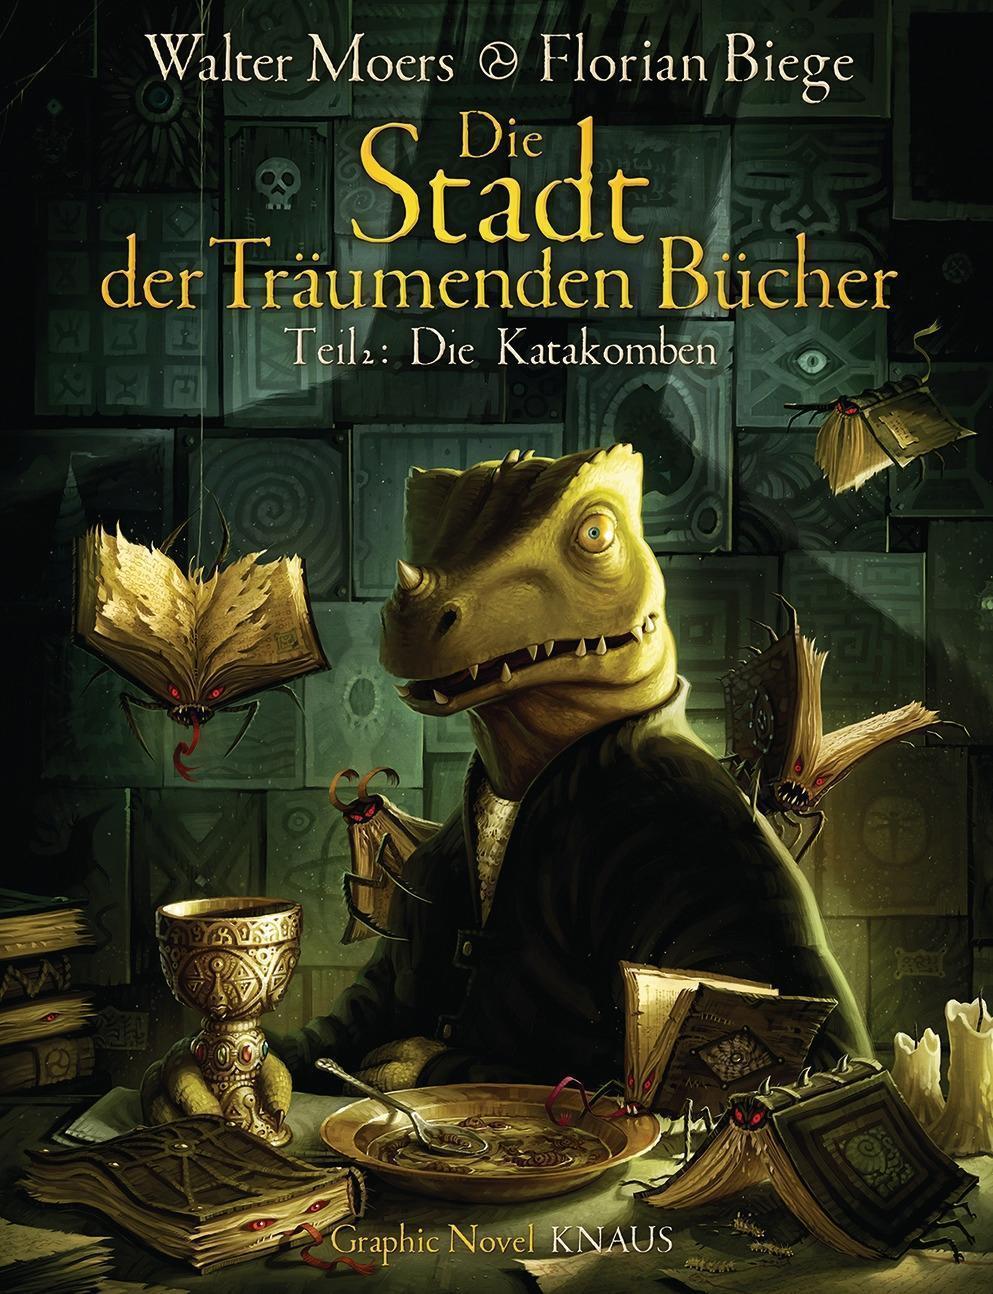 Die Stadt der Träumenden Bücher (Comic) : Walter Moers